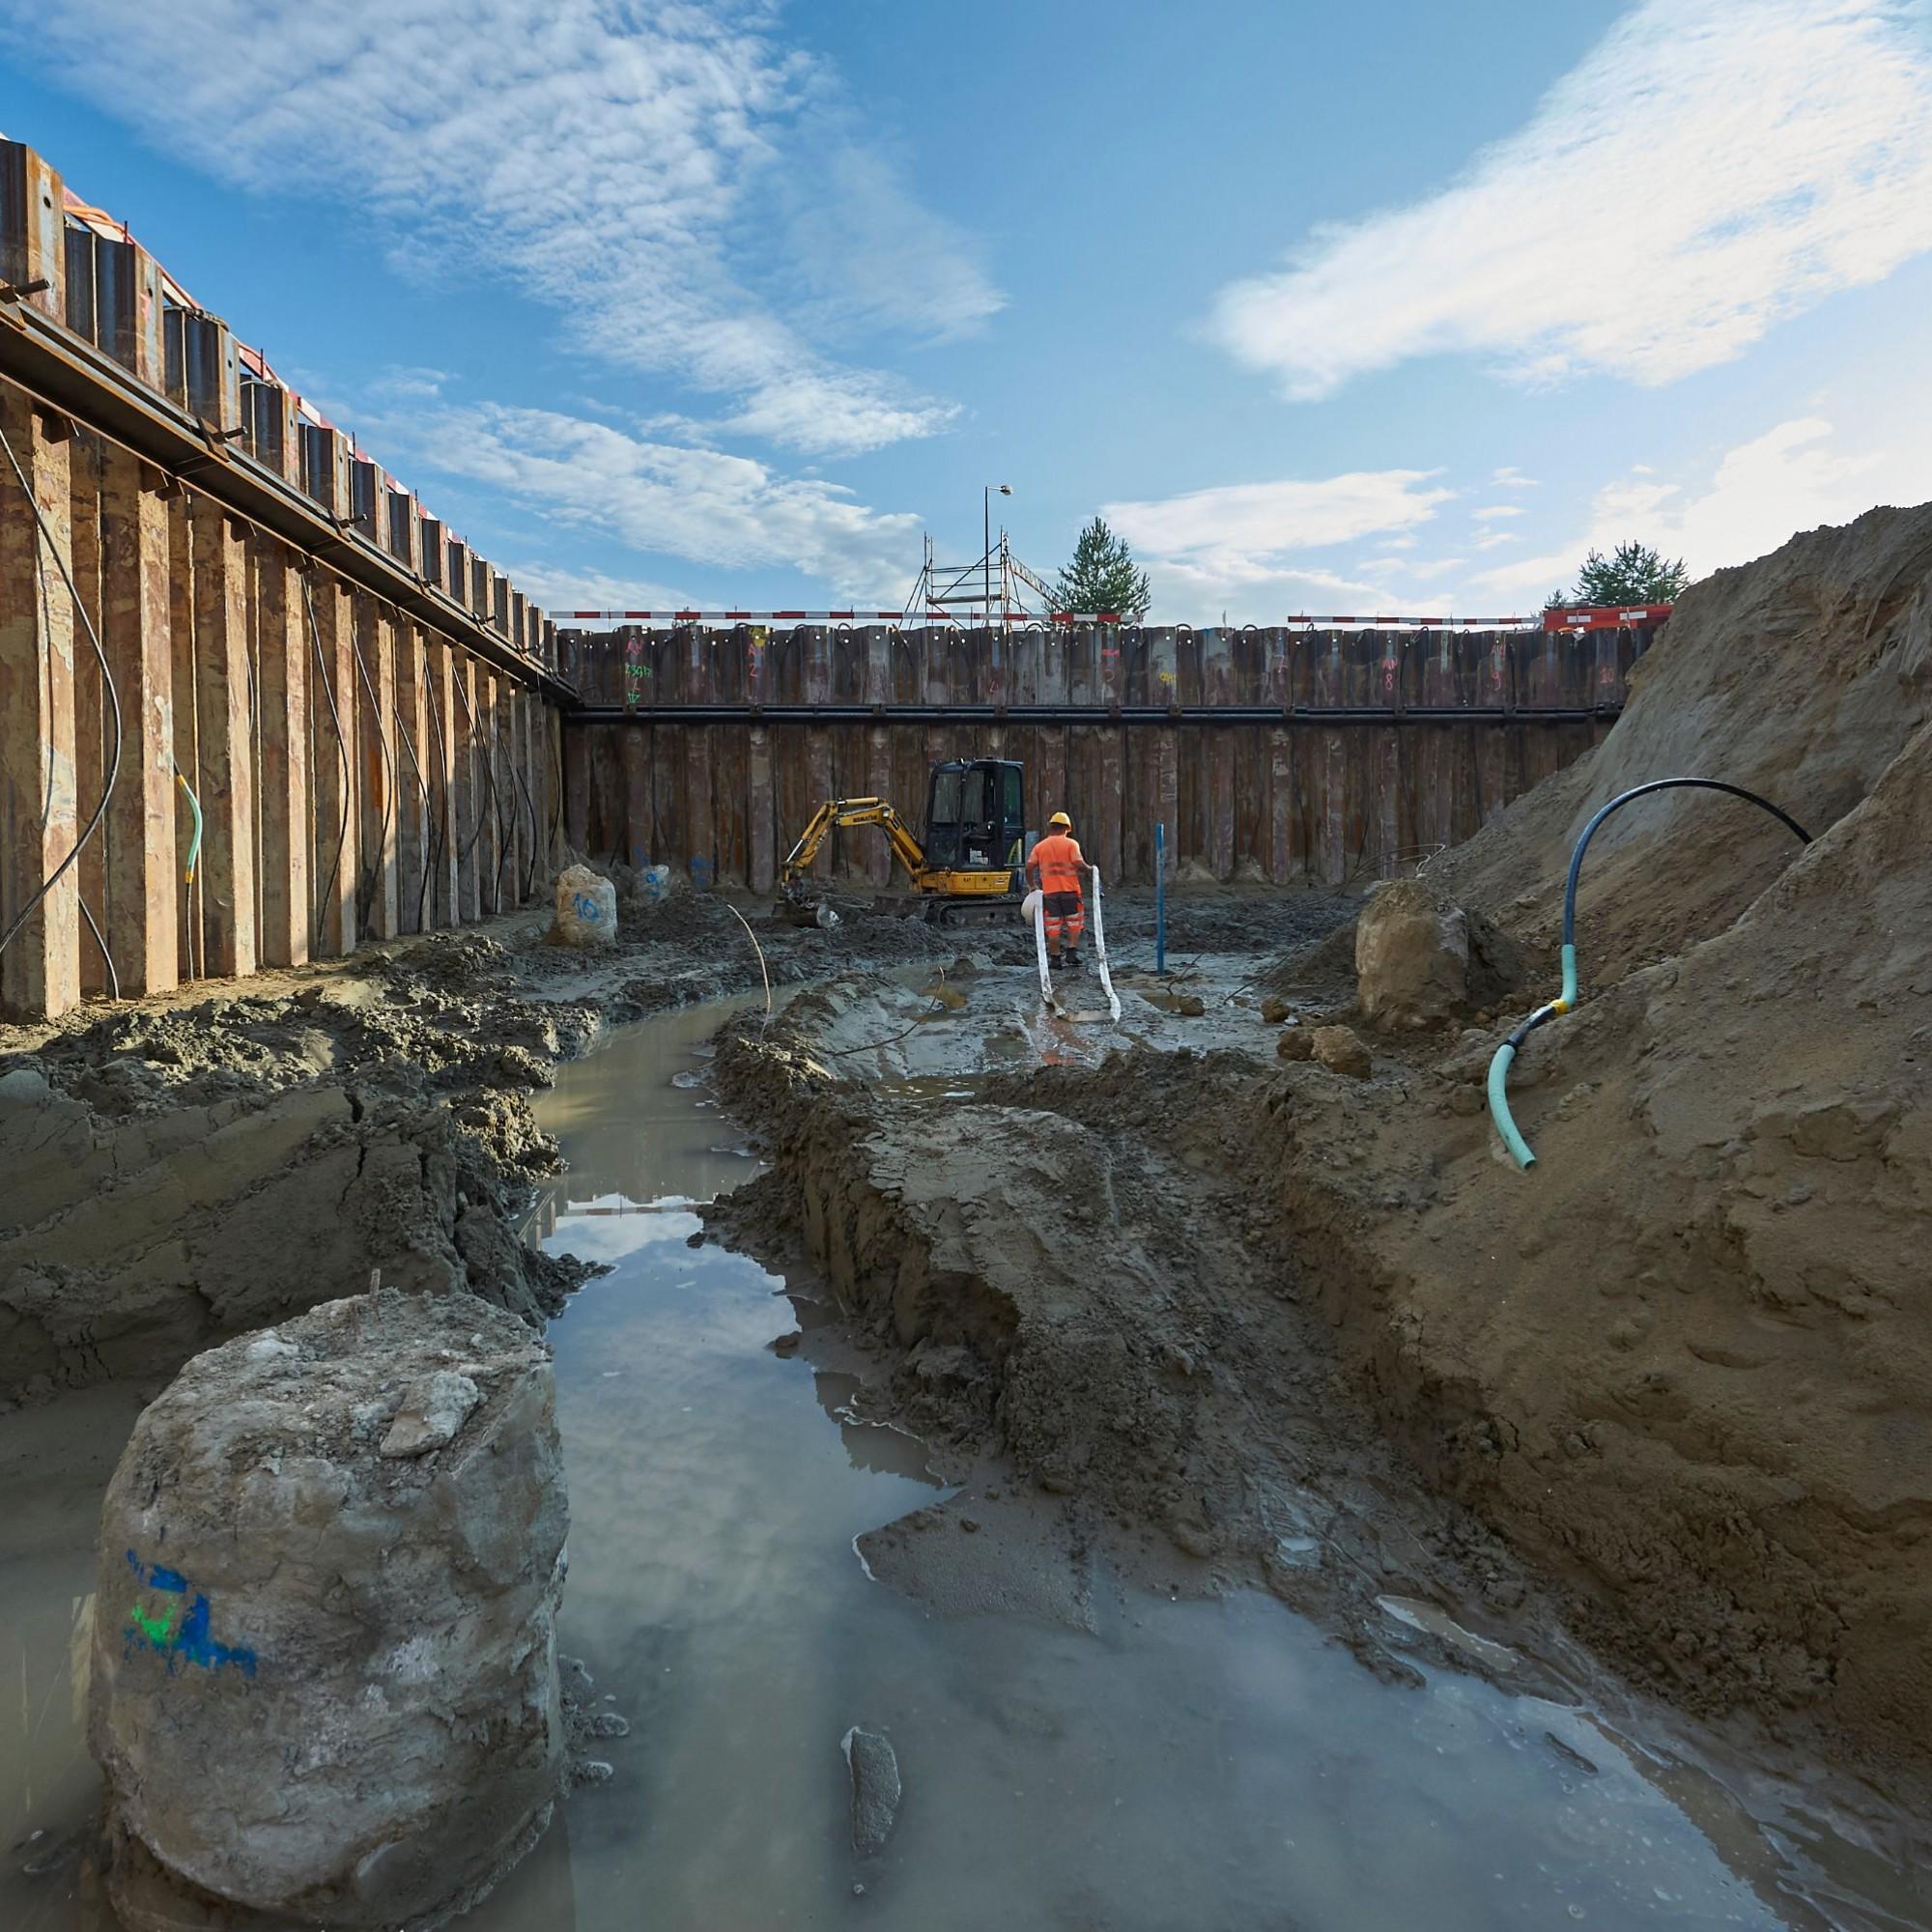 Les fouilles ont nécessité une enceinte de palplanches complète avec pompage continu, car la nappe n'est qu'à un mètre de profondeur. L'édifice est fondé sur 109 pieux ferraillés de 30 mètres.